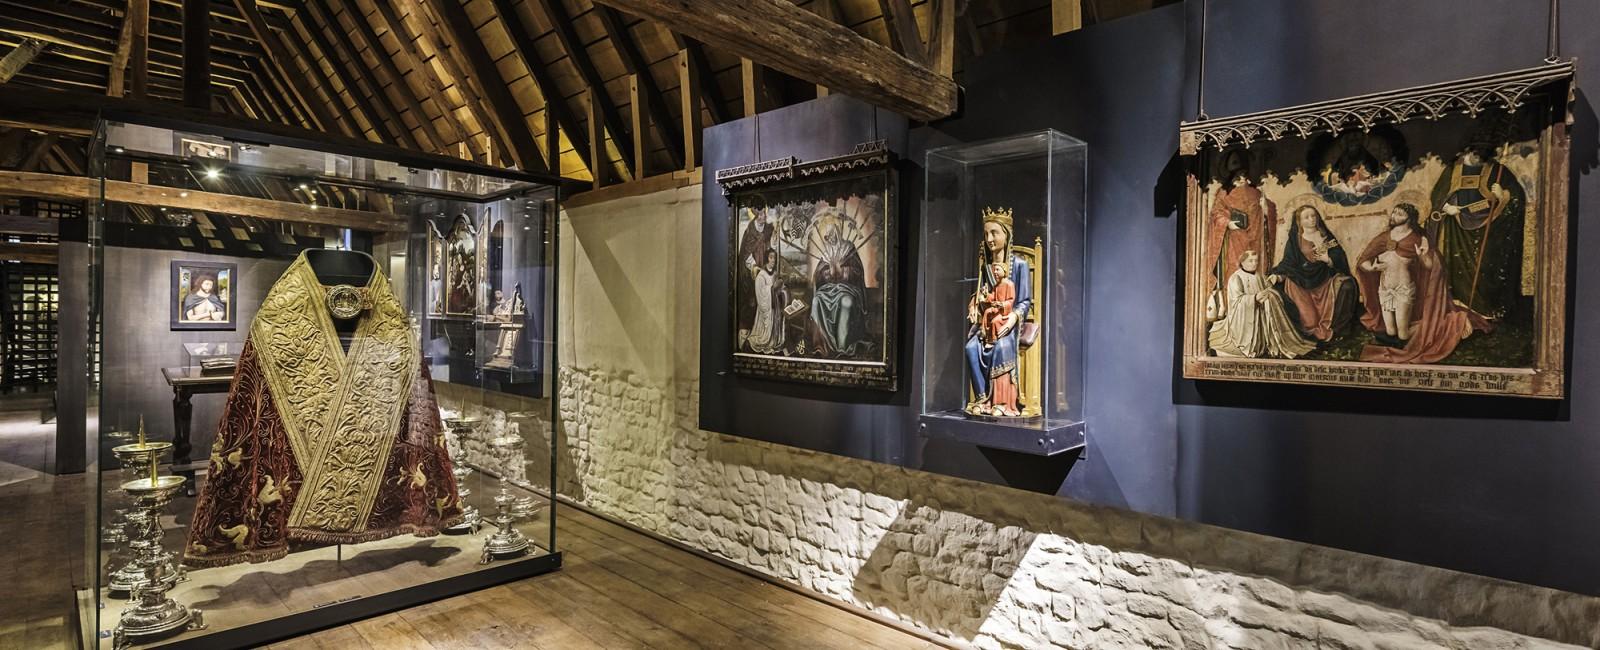 Afbeeldingsresultaat voor museum tongeren basiliek